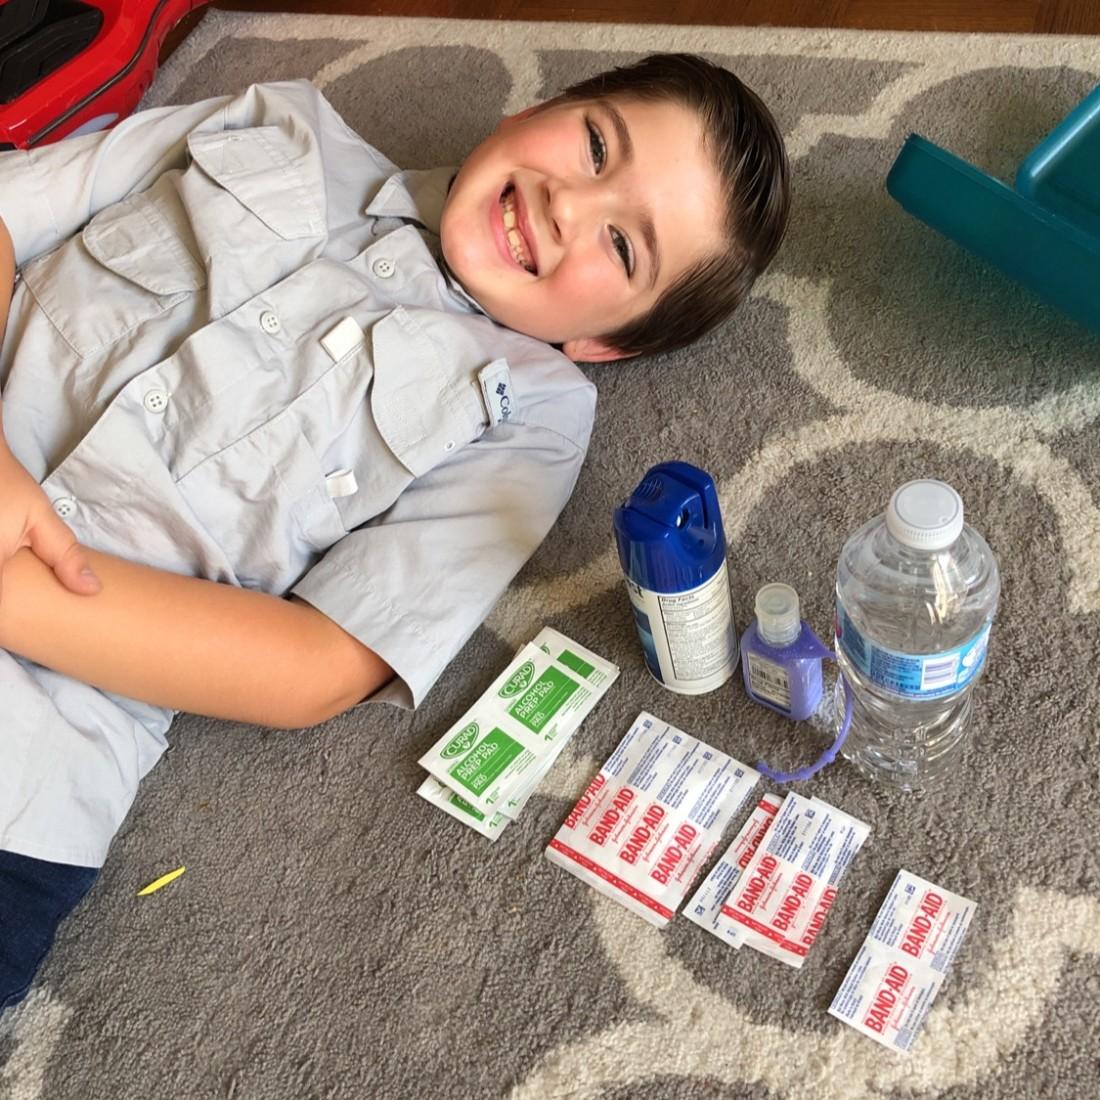 Romo's emergency kit. Photo courtesy of Bryan Feci.